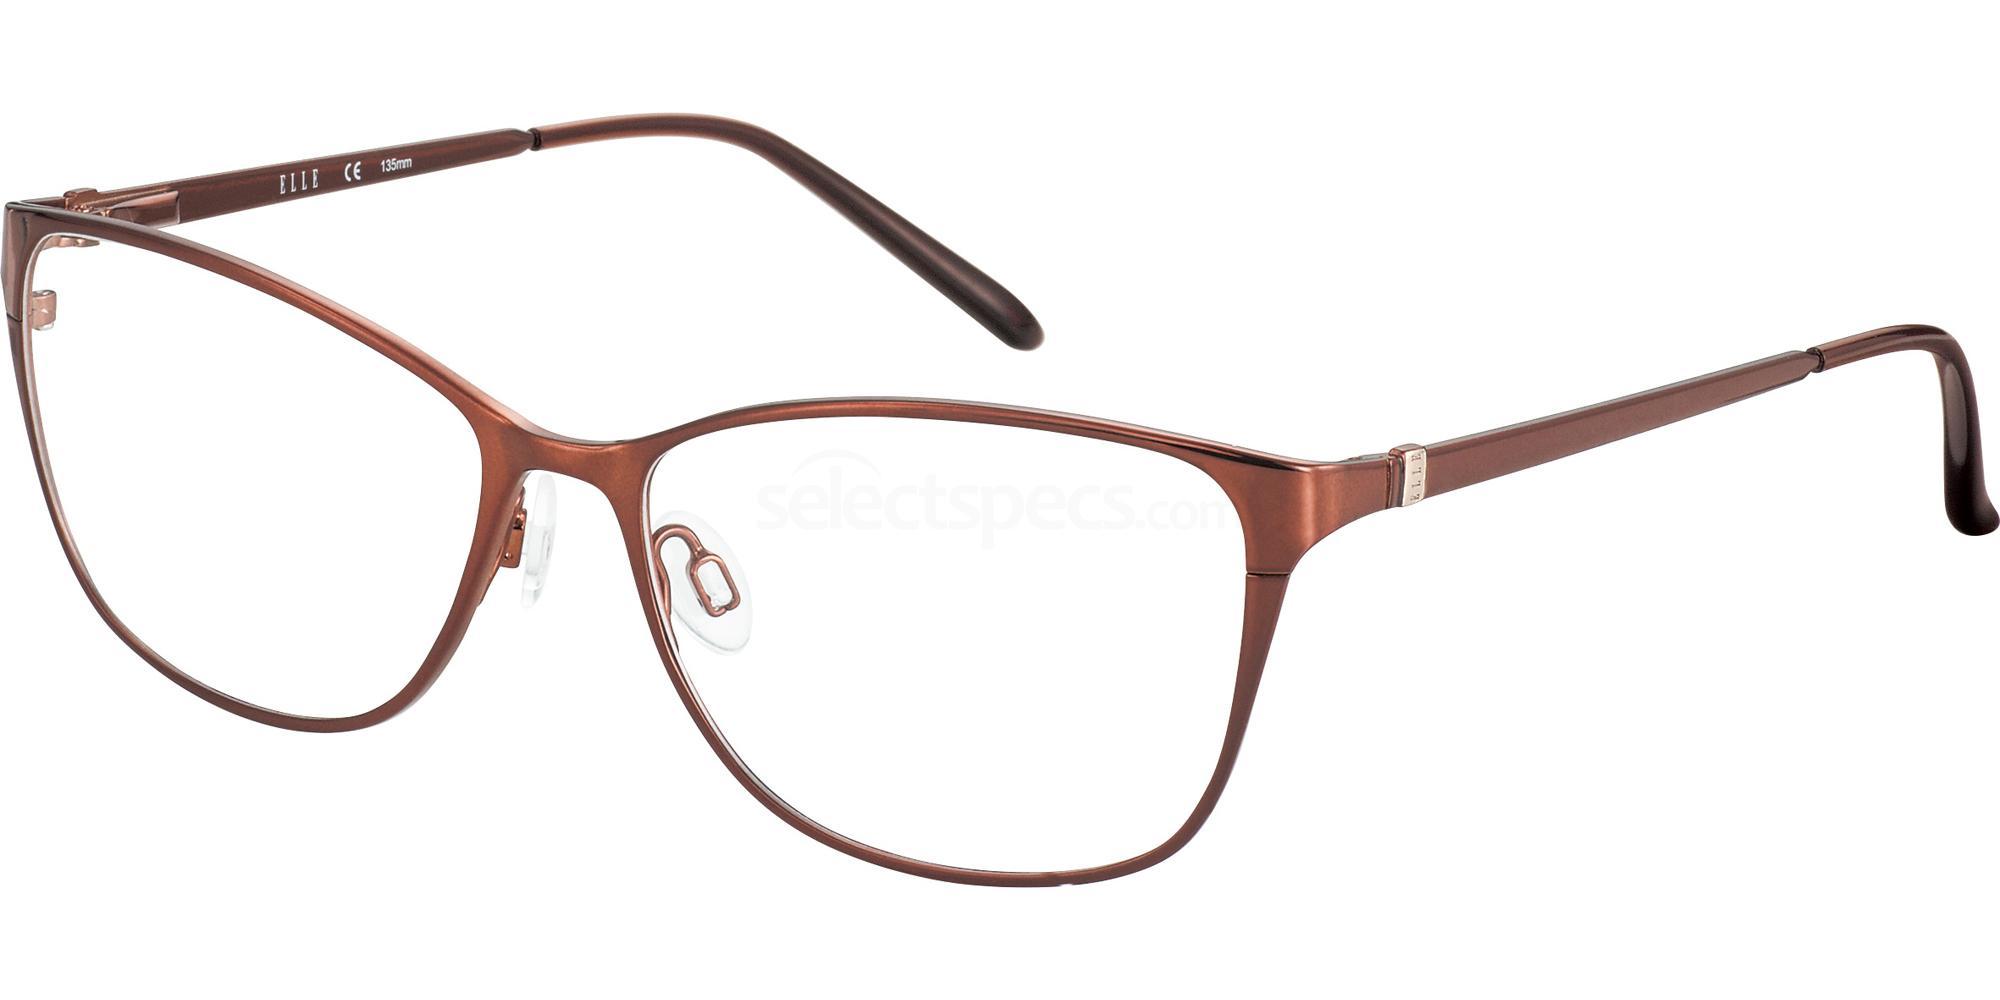 BR EL13406 Glasses, ELLE